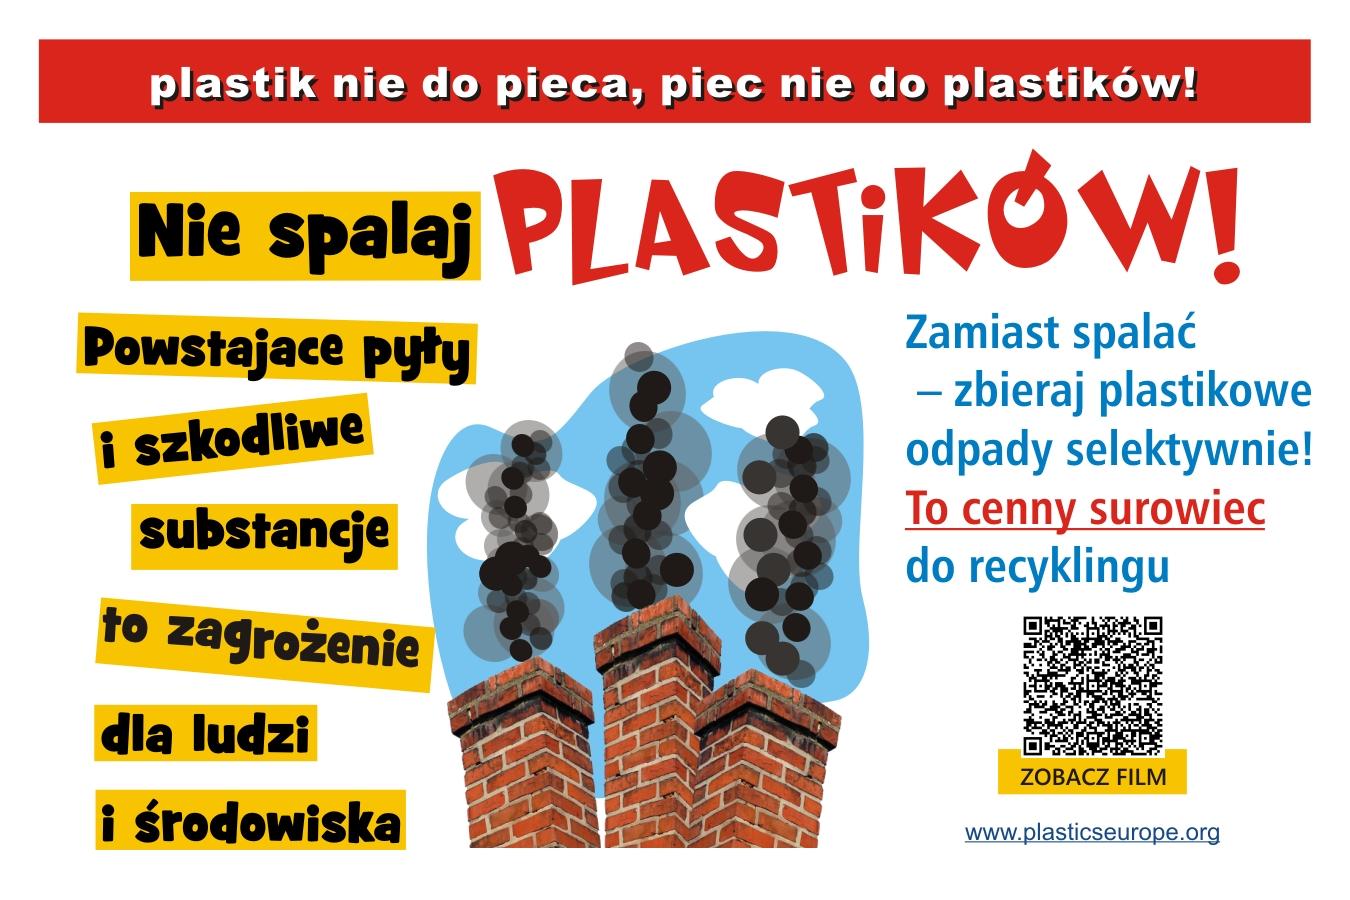 """Kampania """"Plastik nie do pieca - piec nie do plastiku"""" - zdjęcie główne"""